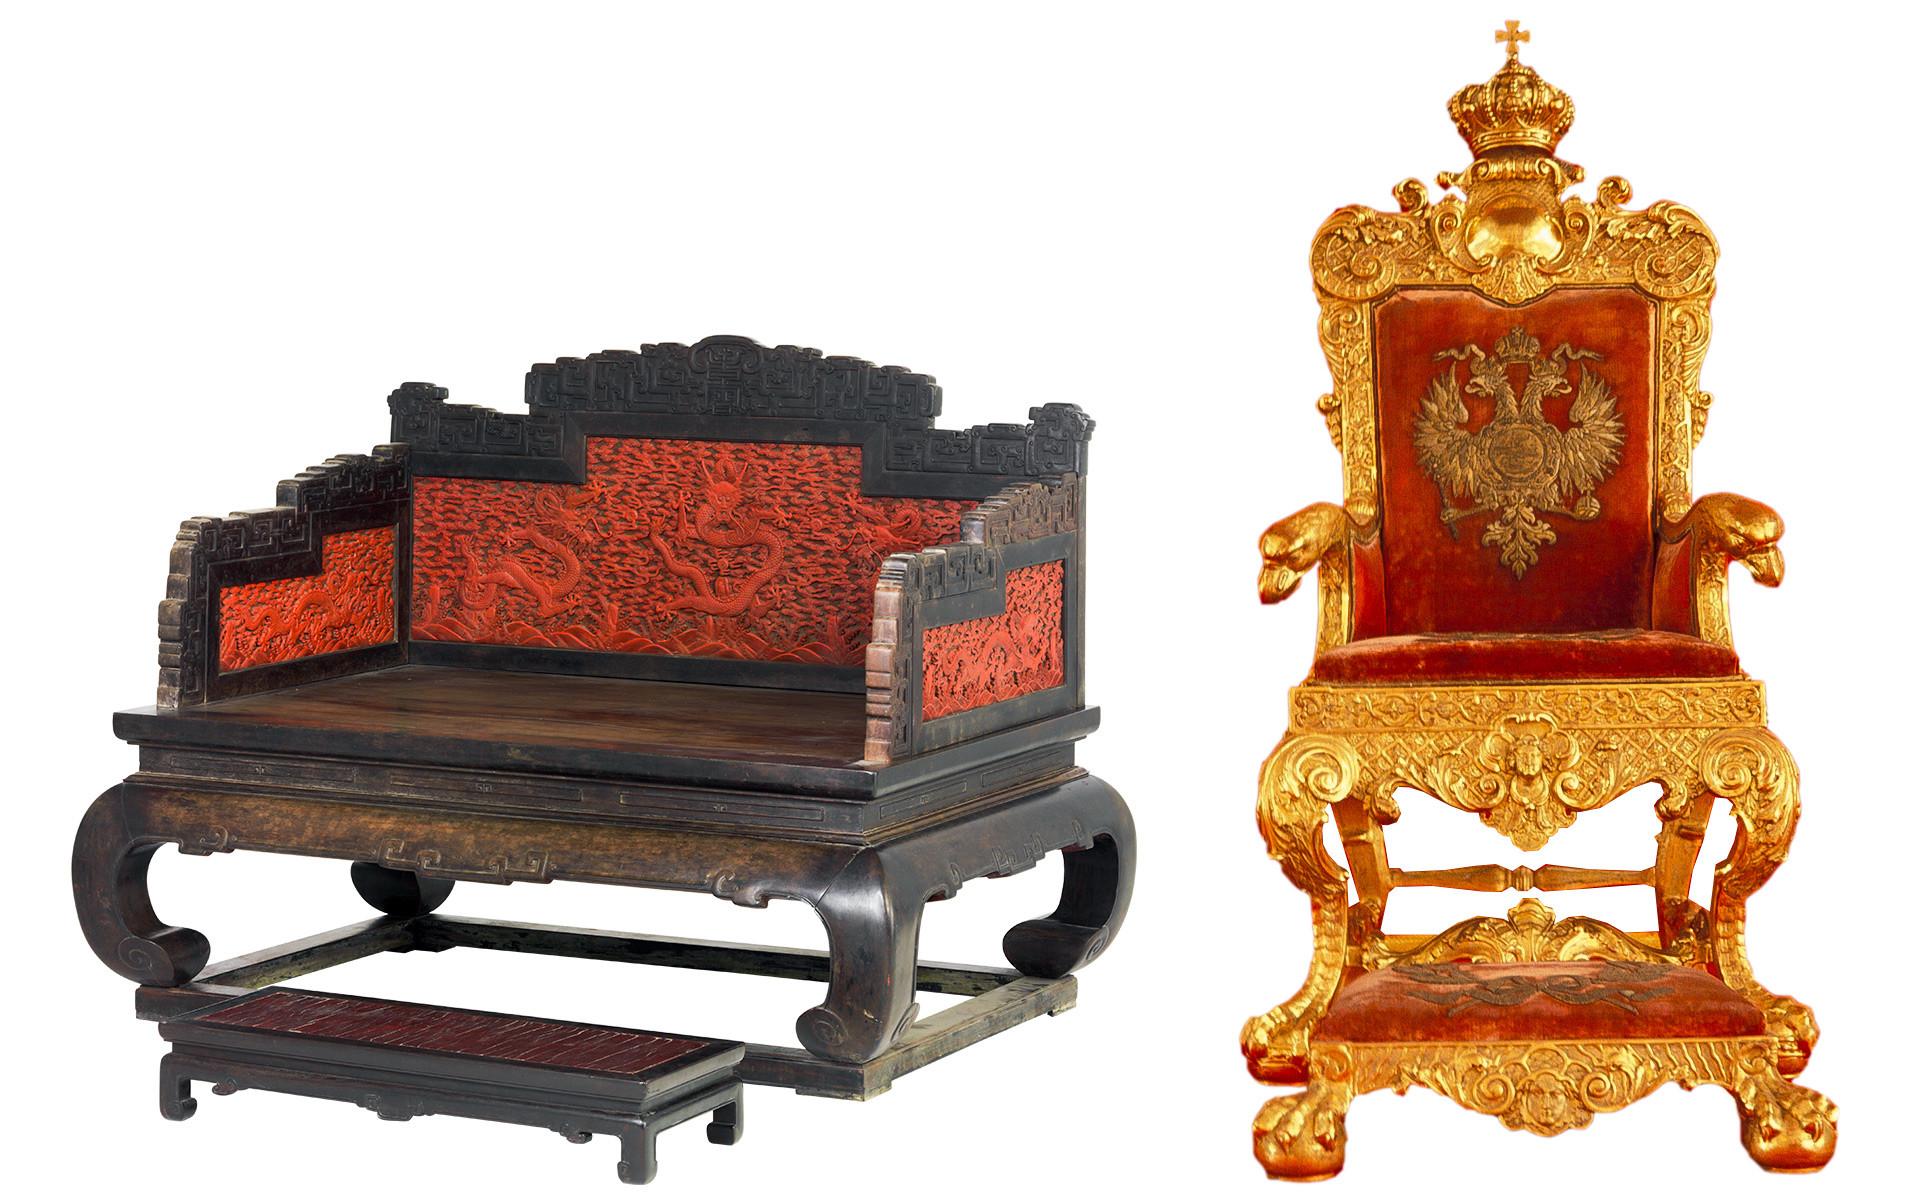 Слева: Императорский трон. Эпоха Цин (1644–1912). Справа: Трон Павла I